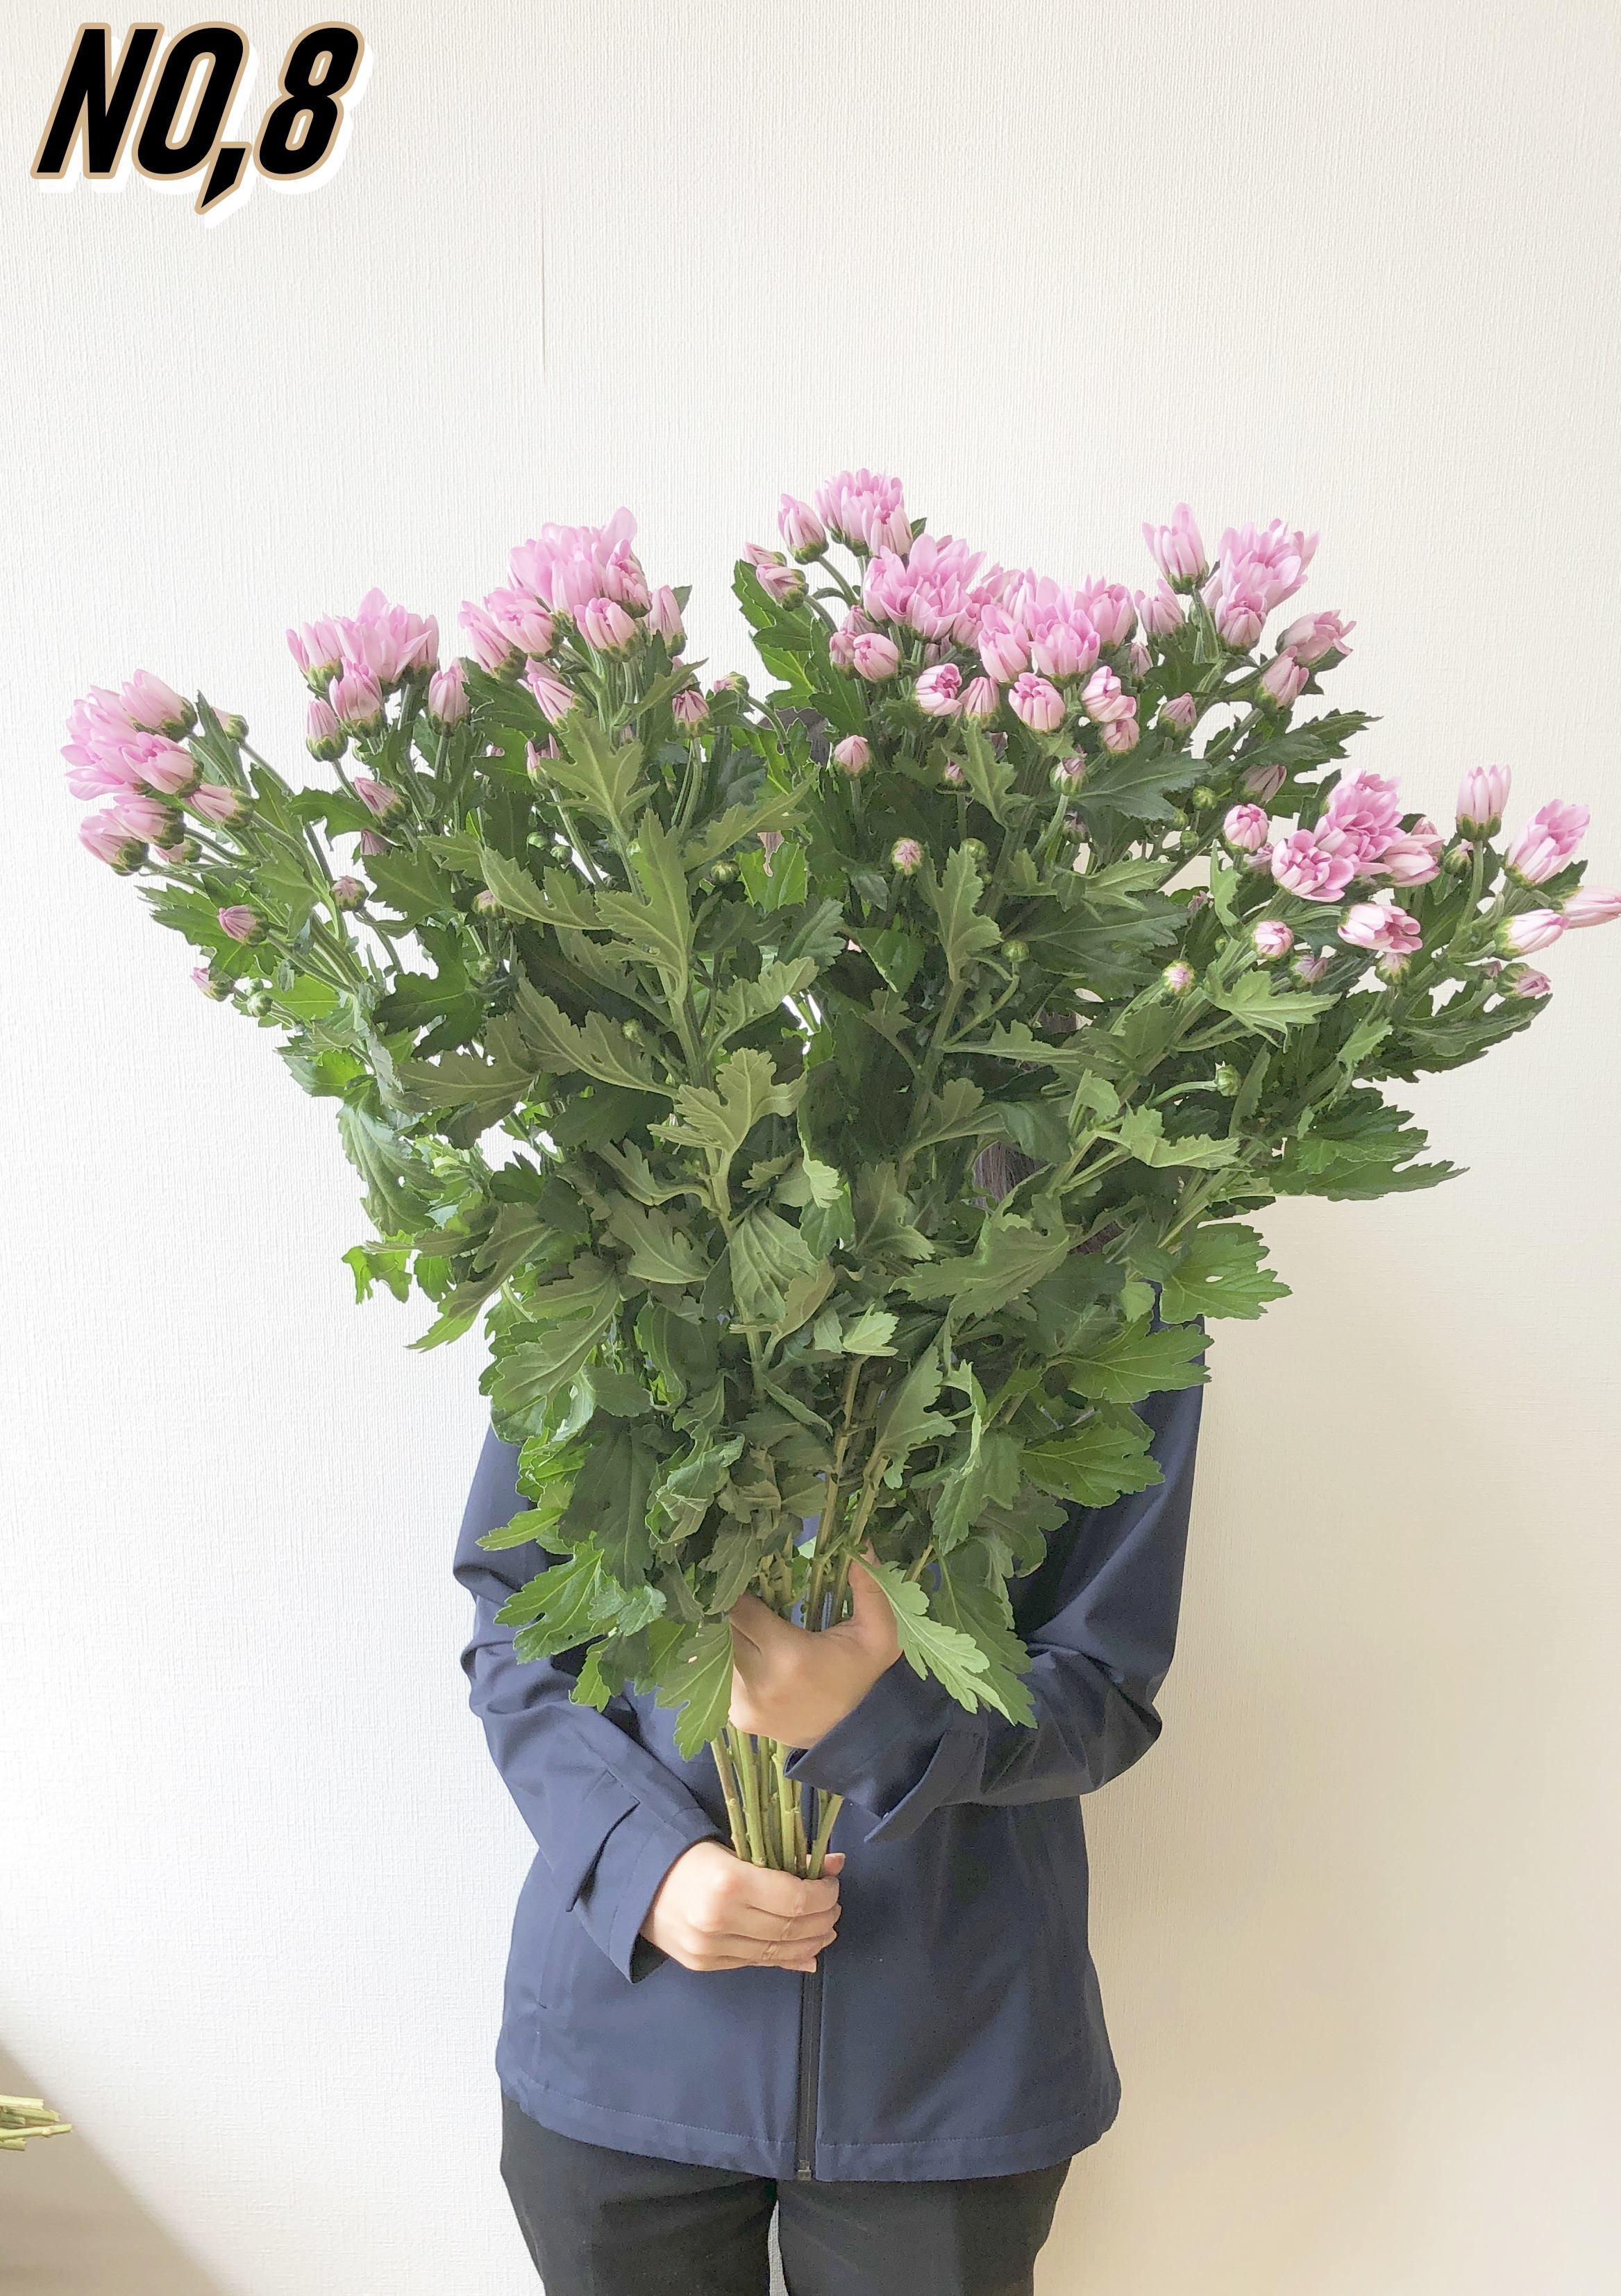 ★ お墓参りへ行こう!国産お供え花シェアBOX50 №1【ロスフラワー救済!】